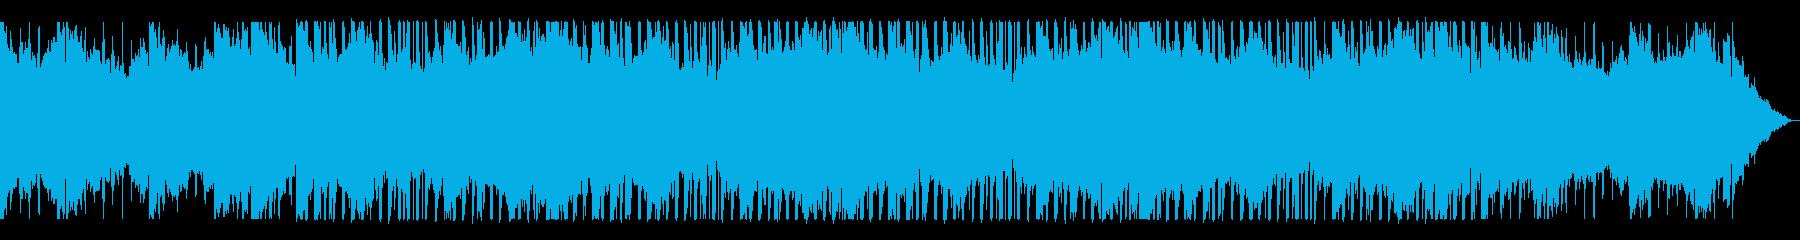 幻想的 Lo-Fi HipHop チルの再生済みの波形